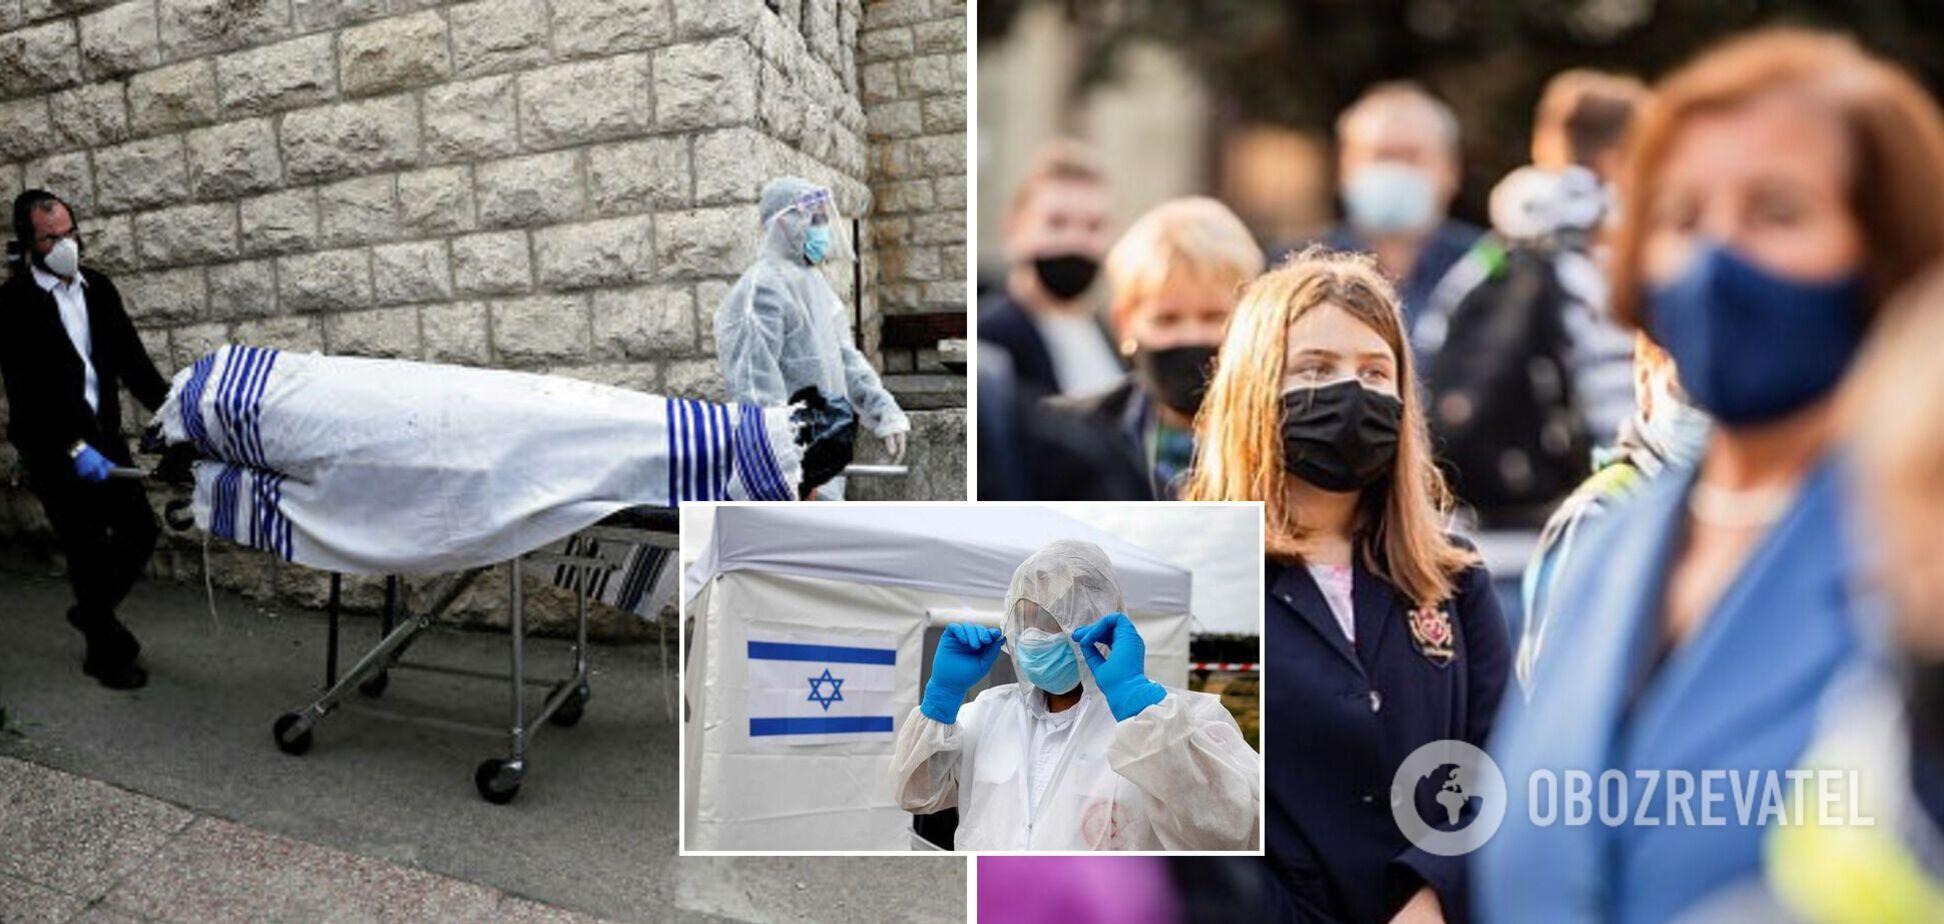 В Ізраїлі хочуть обмежити масові заходи через сплеск COVID-19: яка ситуація в країні